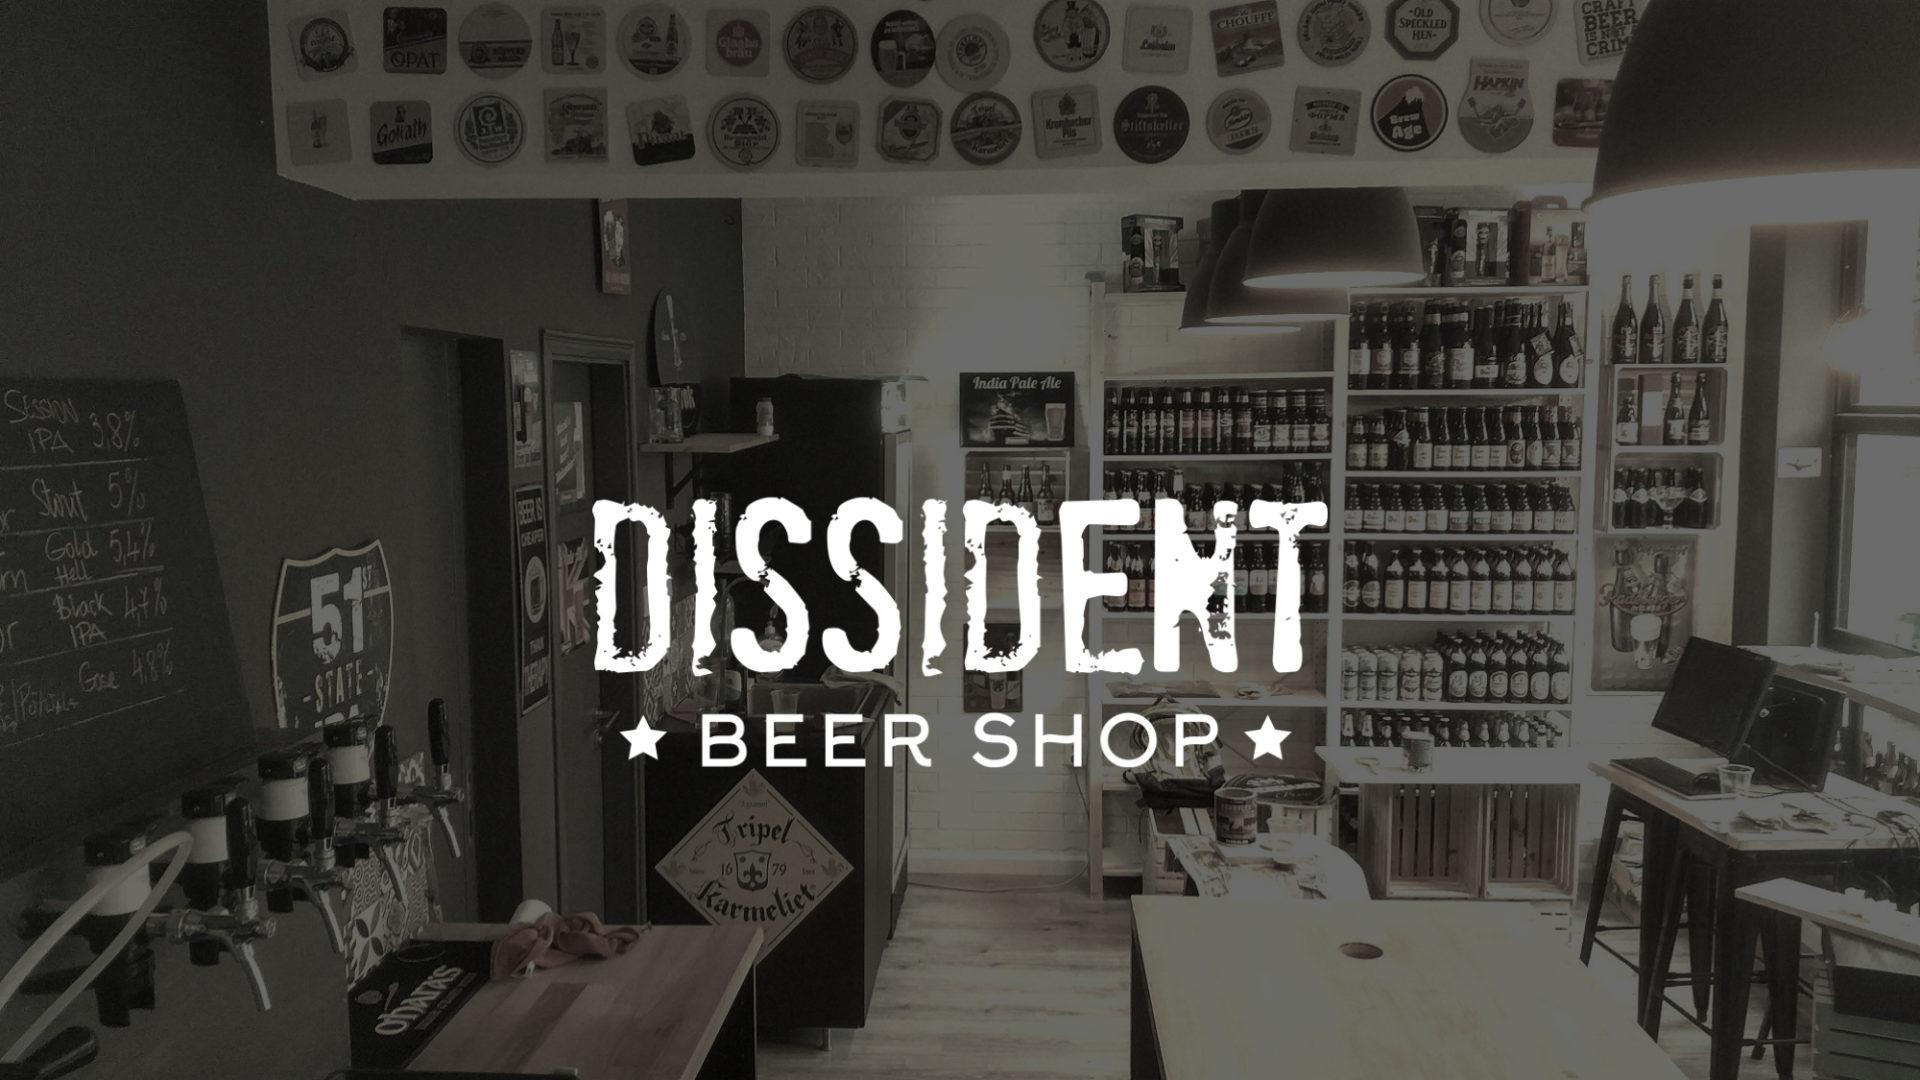 Dissident Beer Shop